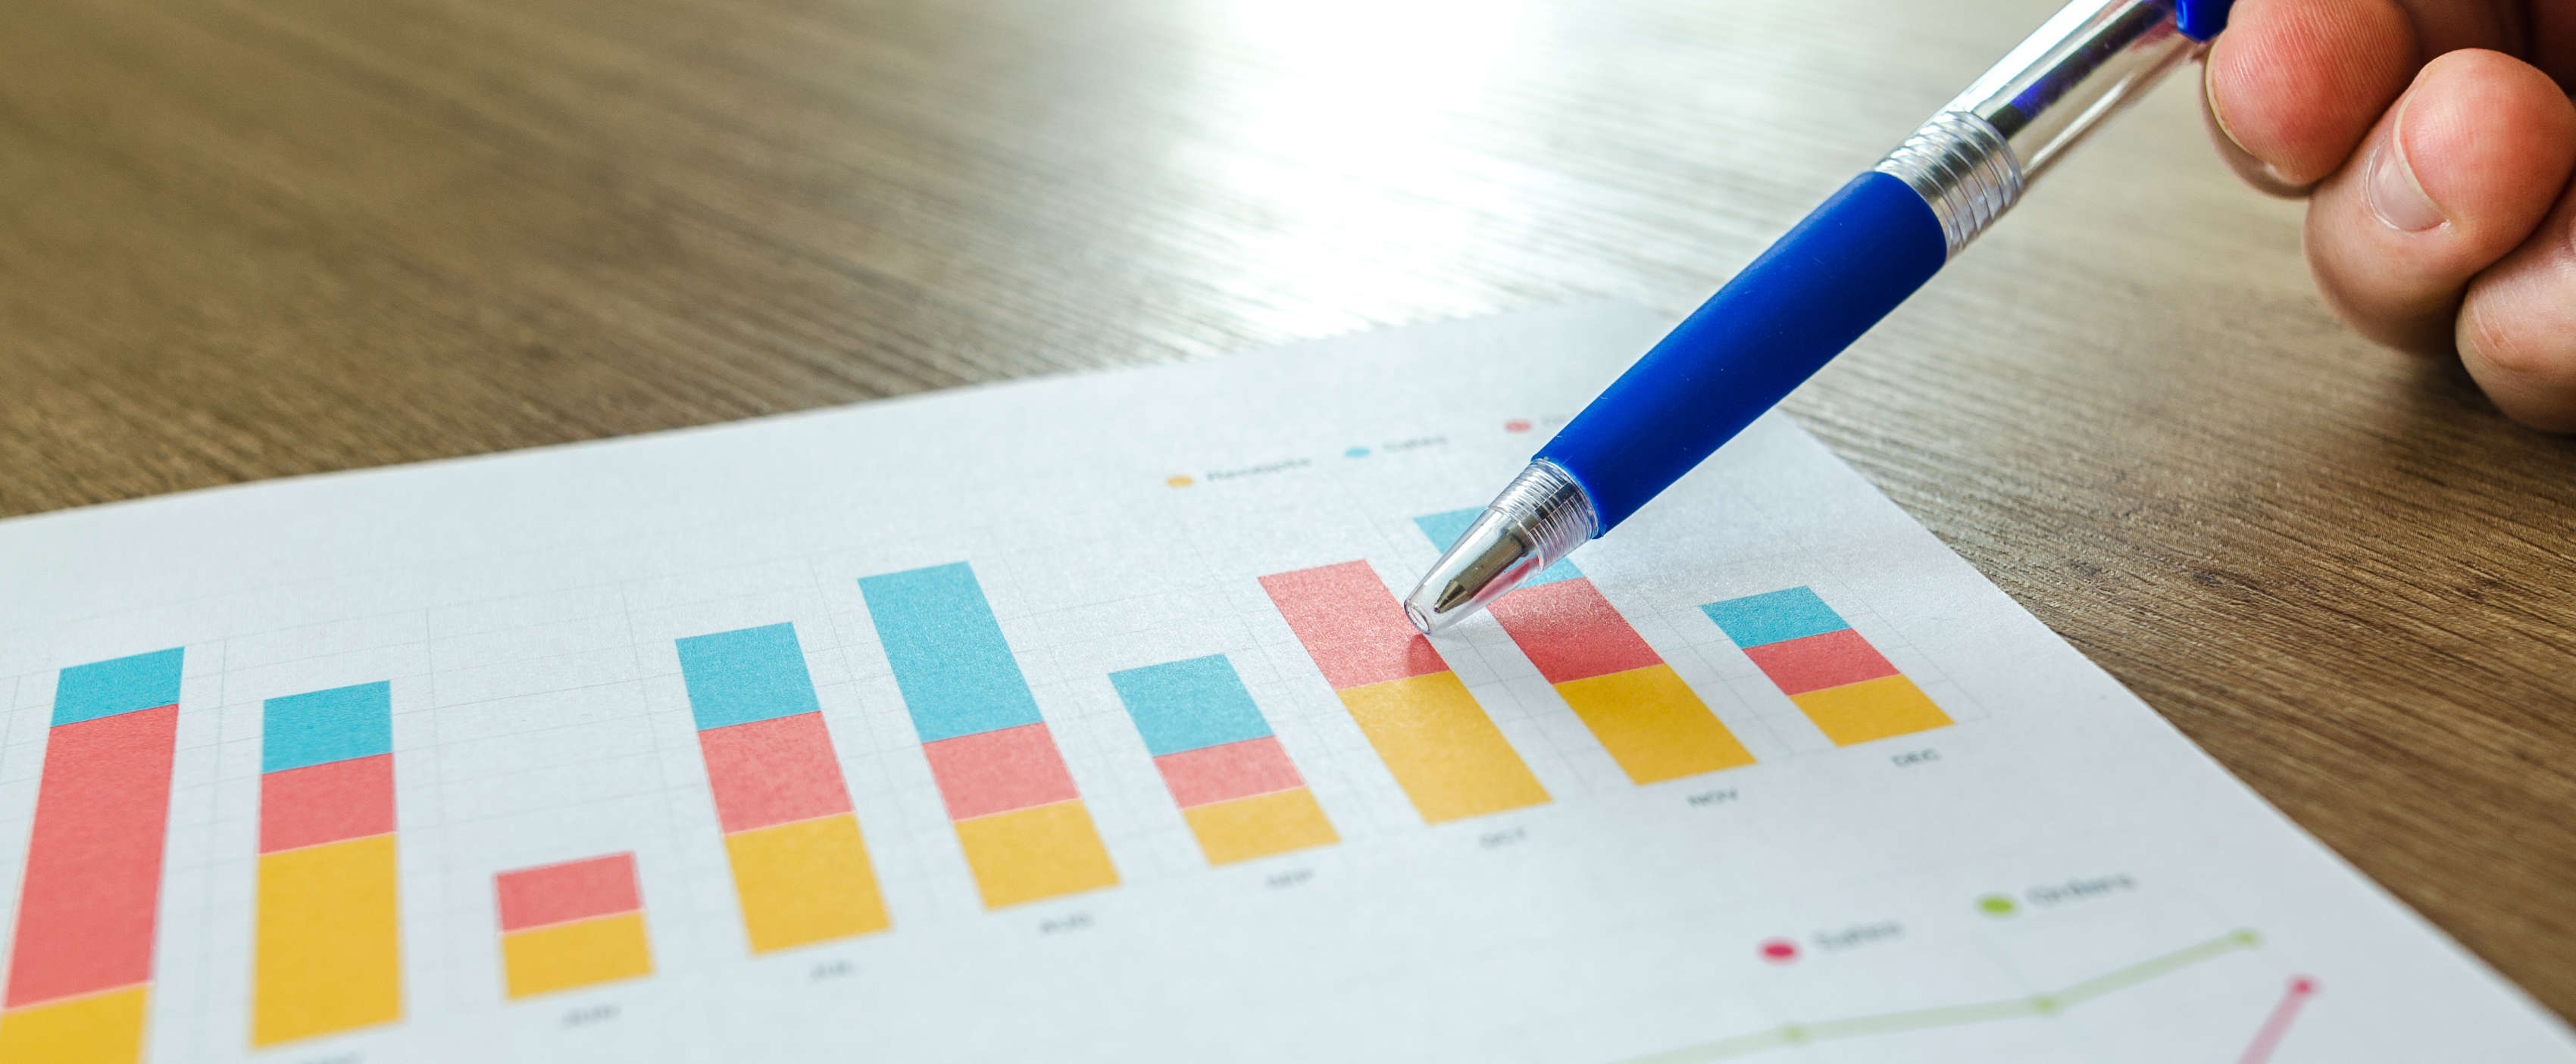 Statistiken und ein Stift zeigen die Preisgestaltung und diie Frage, was eine Webseite kostet